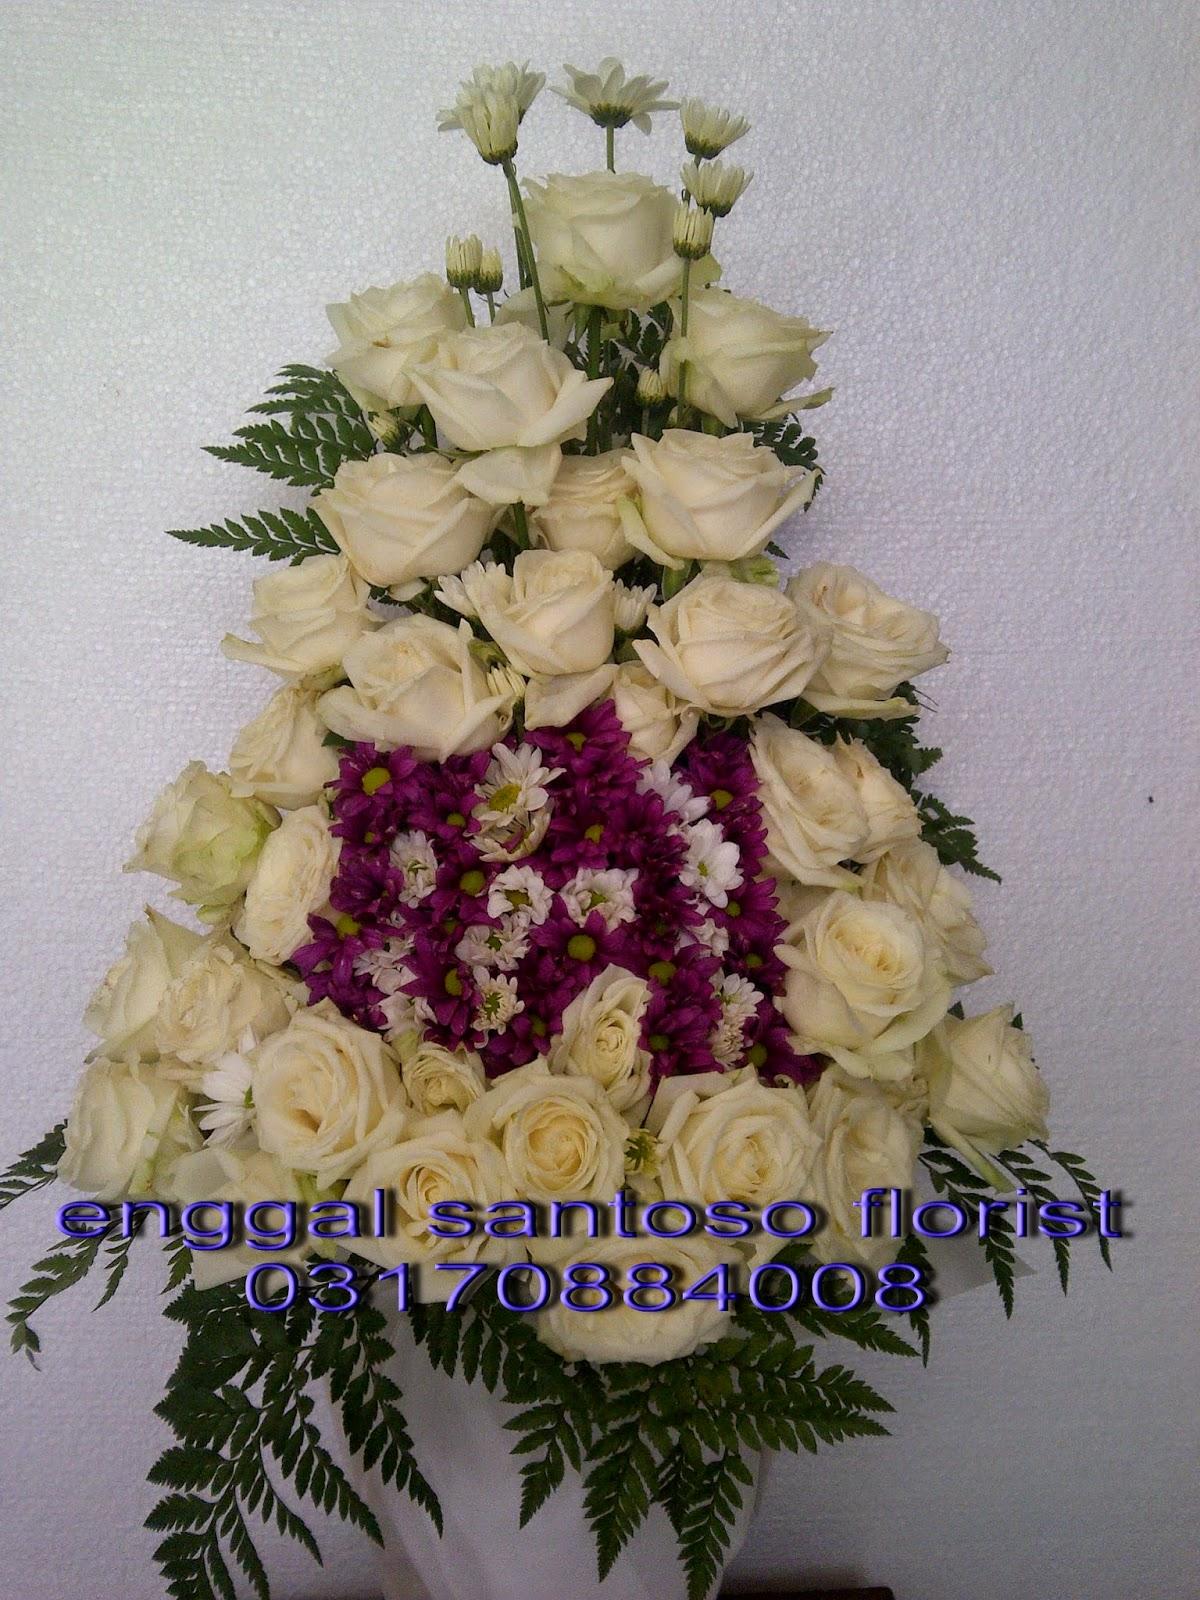 toko bunga surabaya murah dan florist online